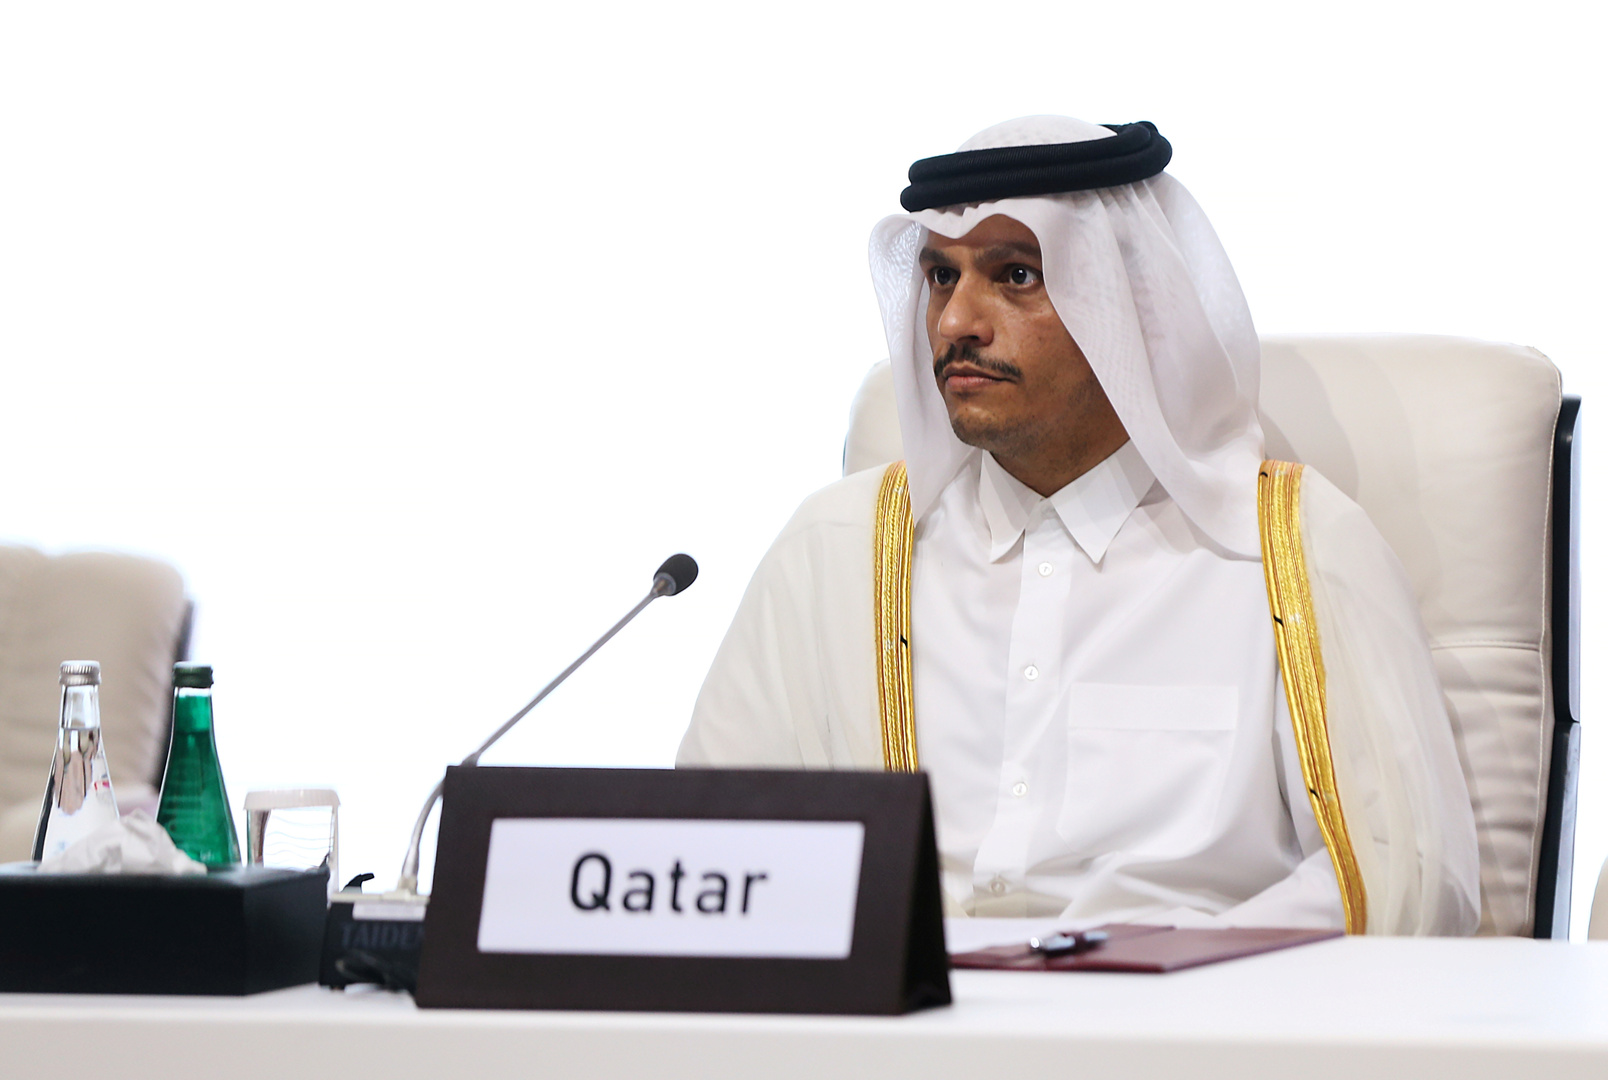 قطر: لا رابح من الأزمة الخليجية والحل يتطلب رغبة جميع أطراف النزاع